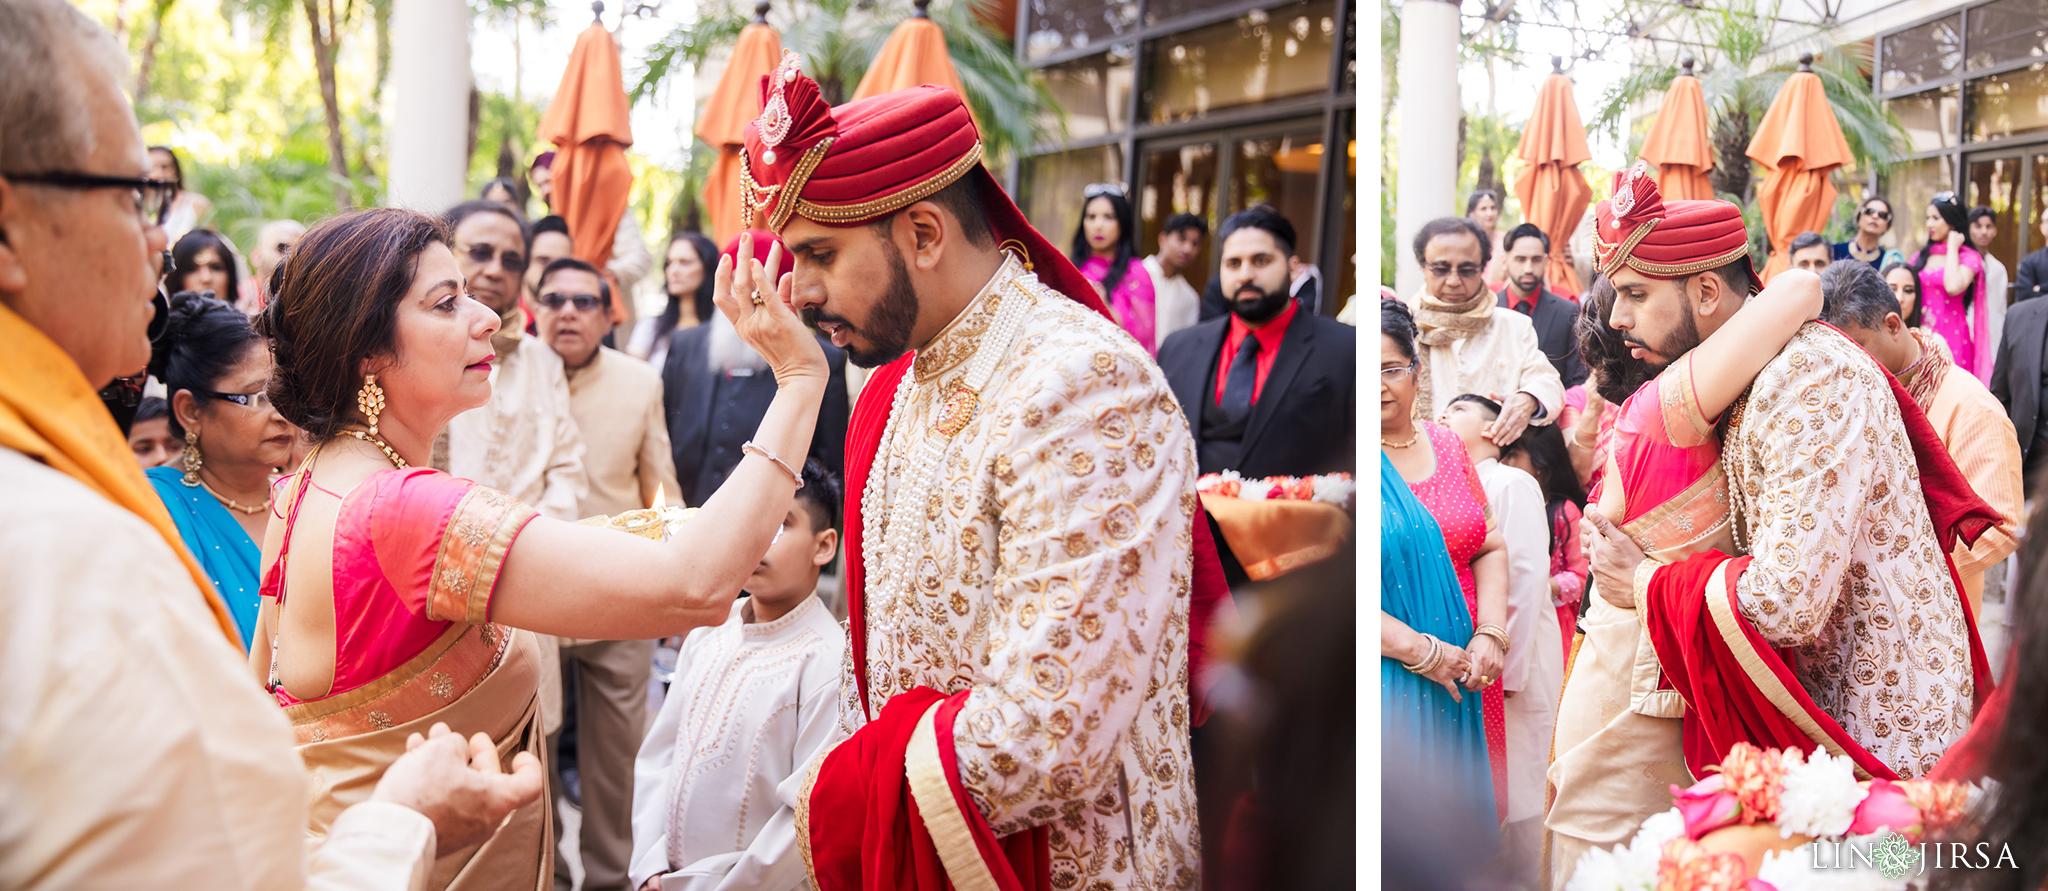 17 Hotel Irvine Punjabi Hindu Indian Wedding Photography